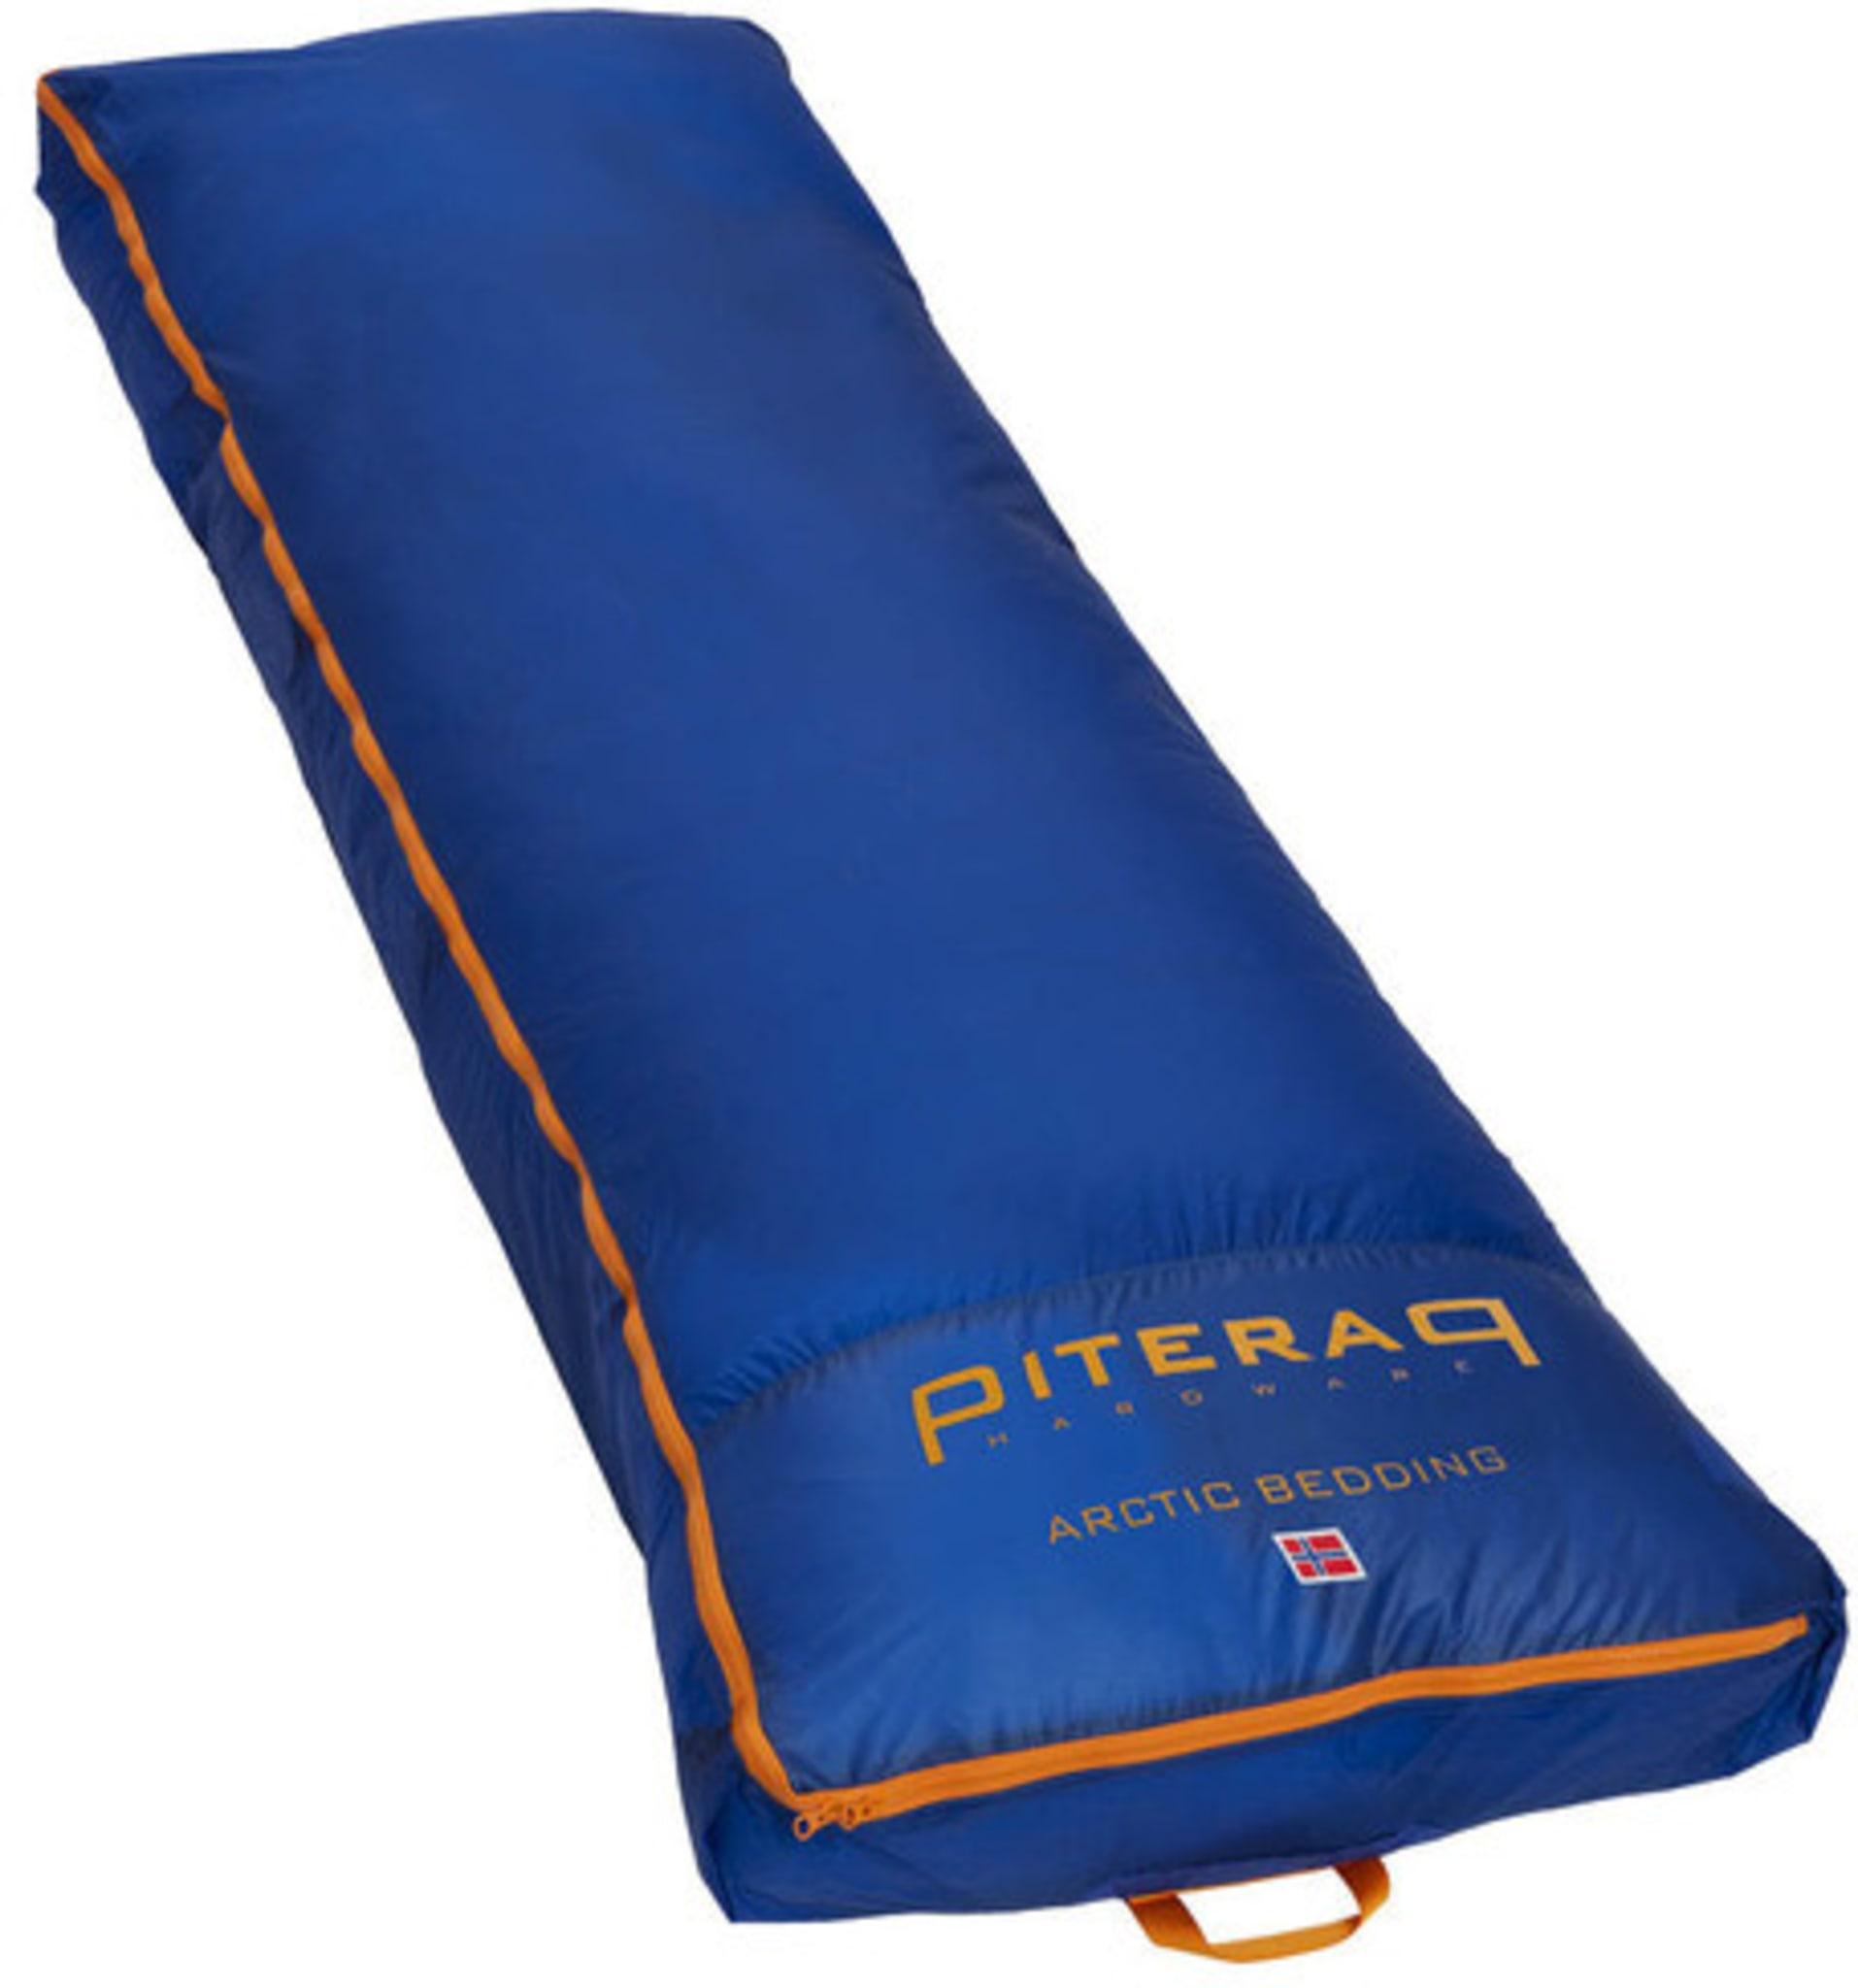 Genial ekspedisjonsbedding for frakt av liggeunderlag og sovepose på pulk